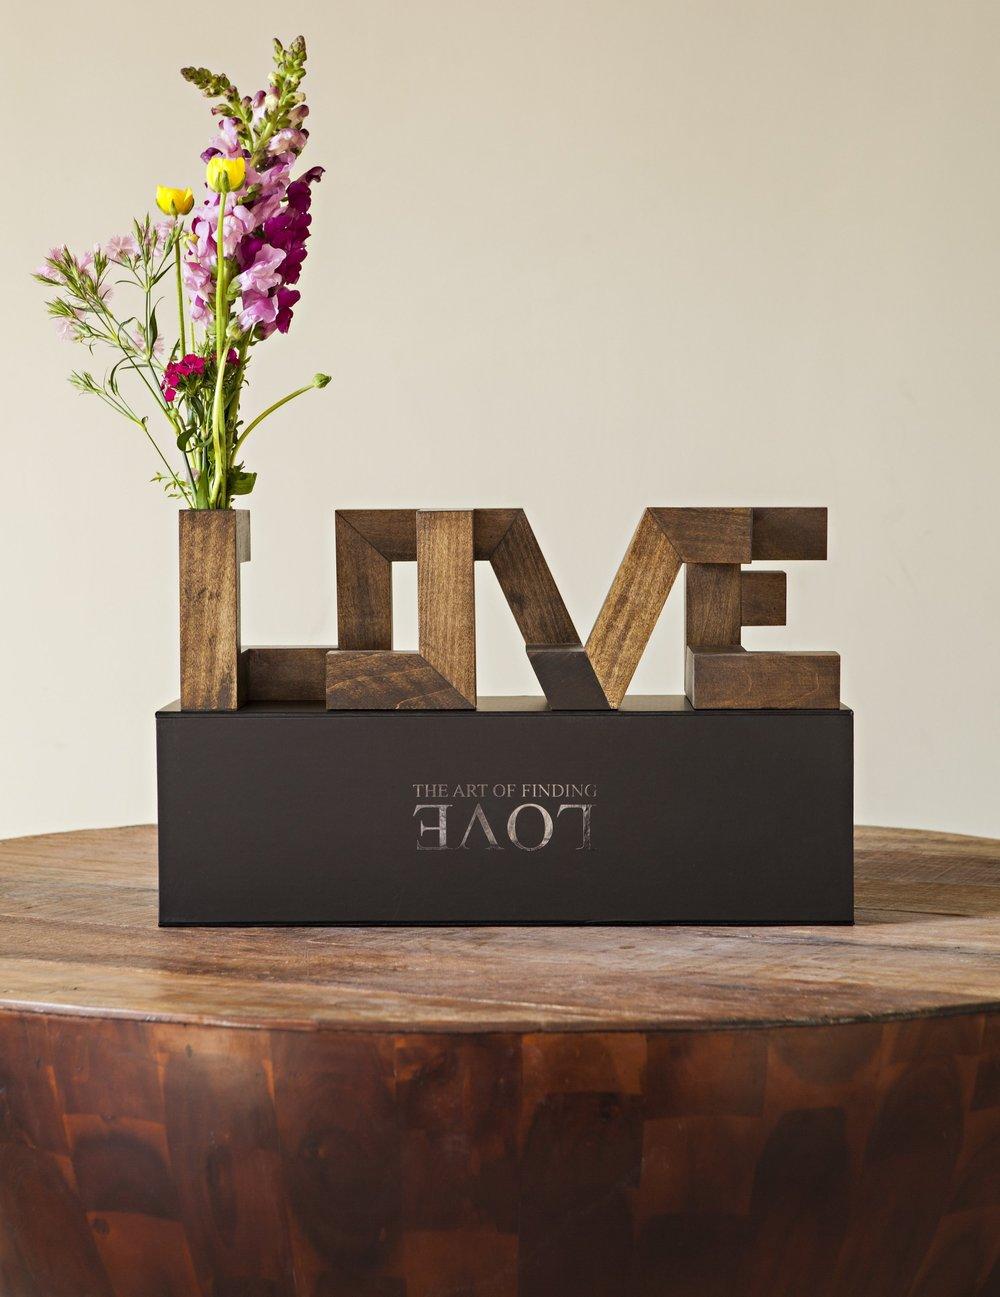 Wood love vase and packaging new jpg